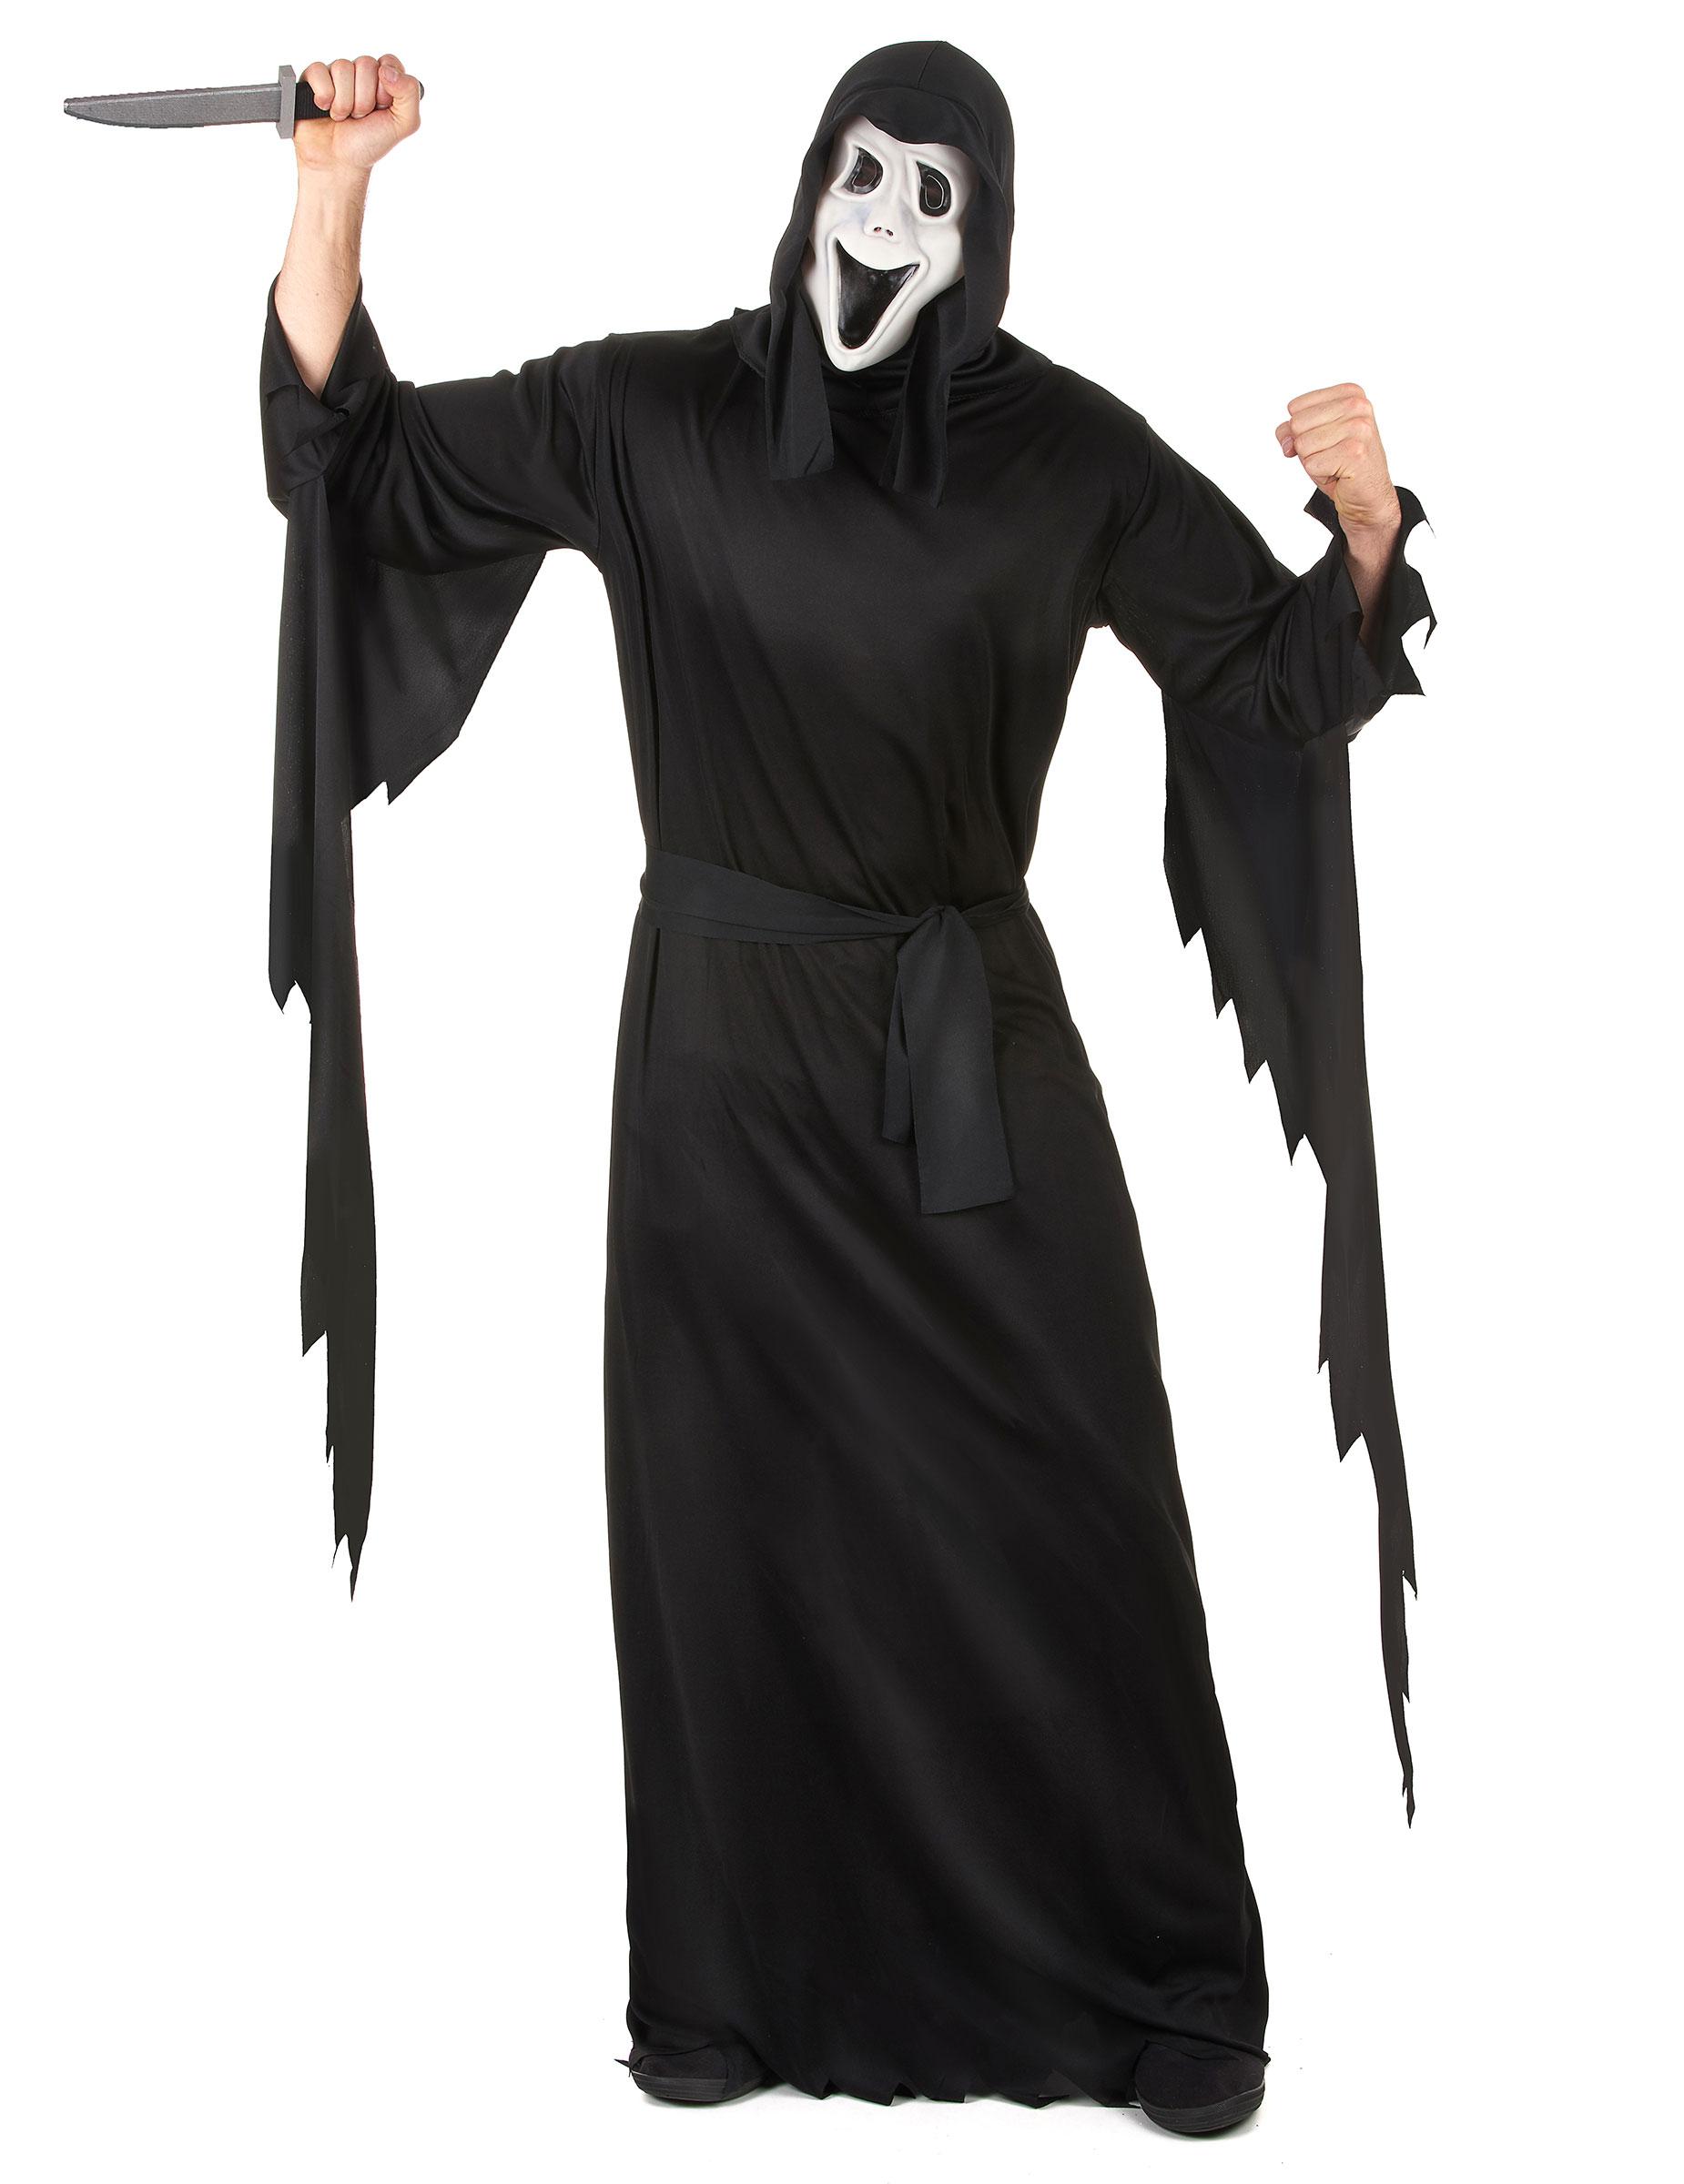 Disfraz De Asesino Para Hombre Ideal Para Halloween Disfraces - Disfraz-de-halloween-para-hombre